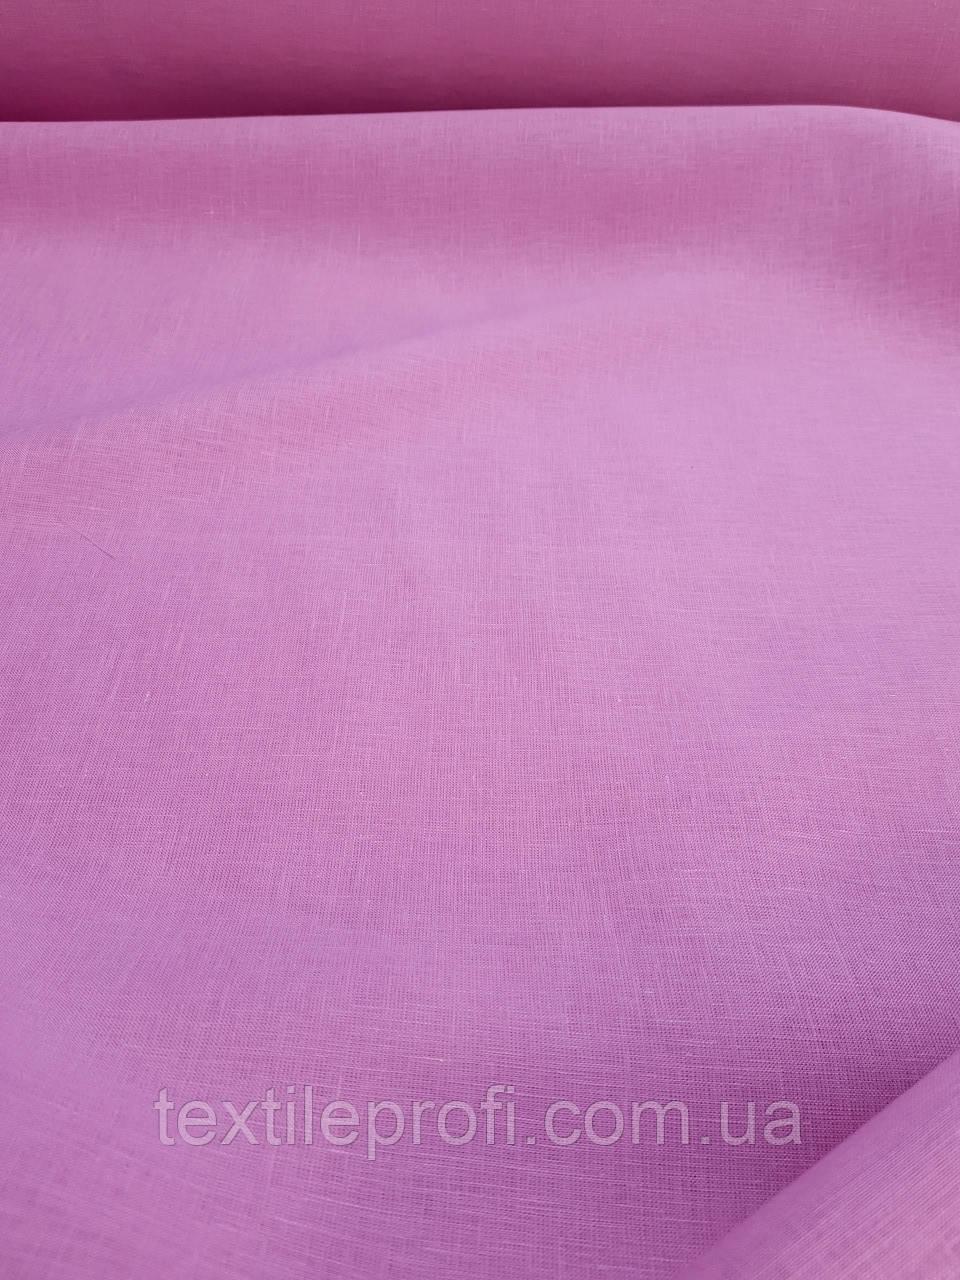 Льняную ткань для постельного белья купить в портновские ткани